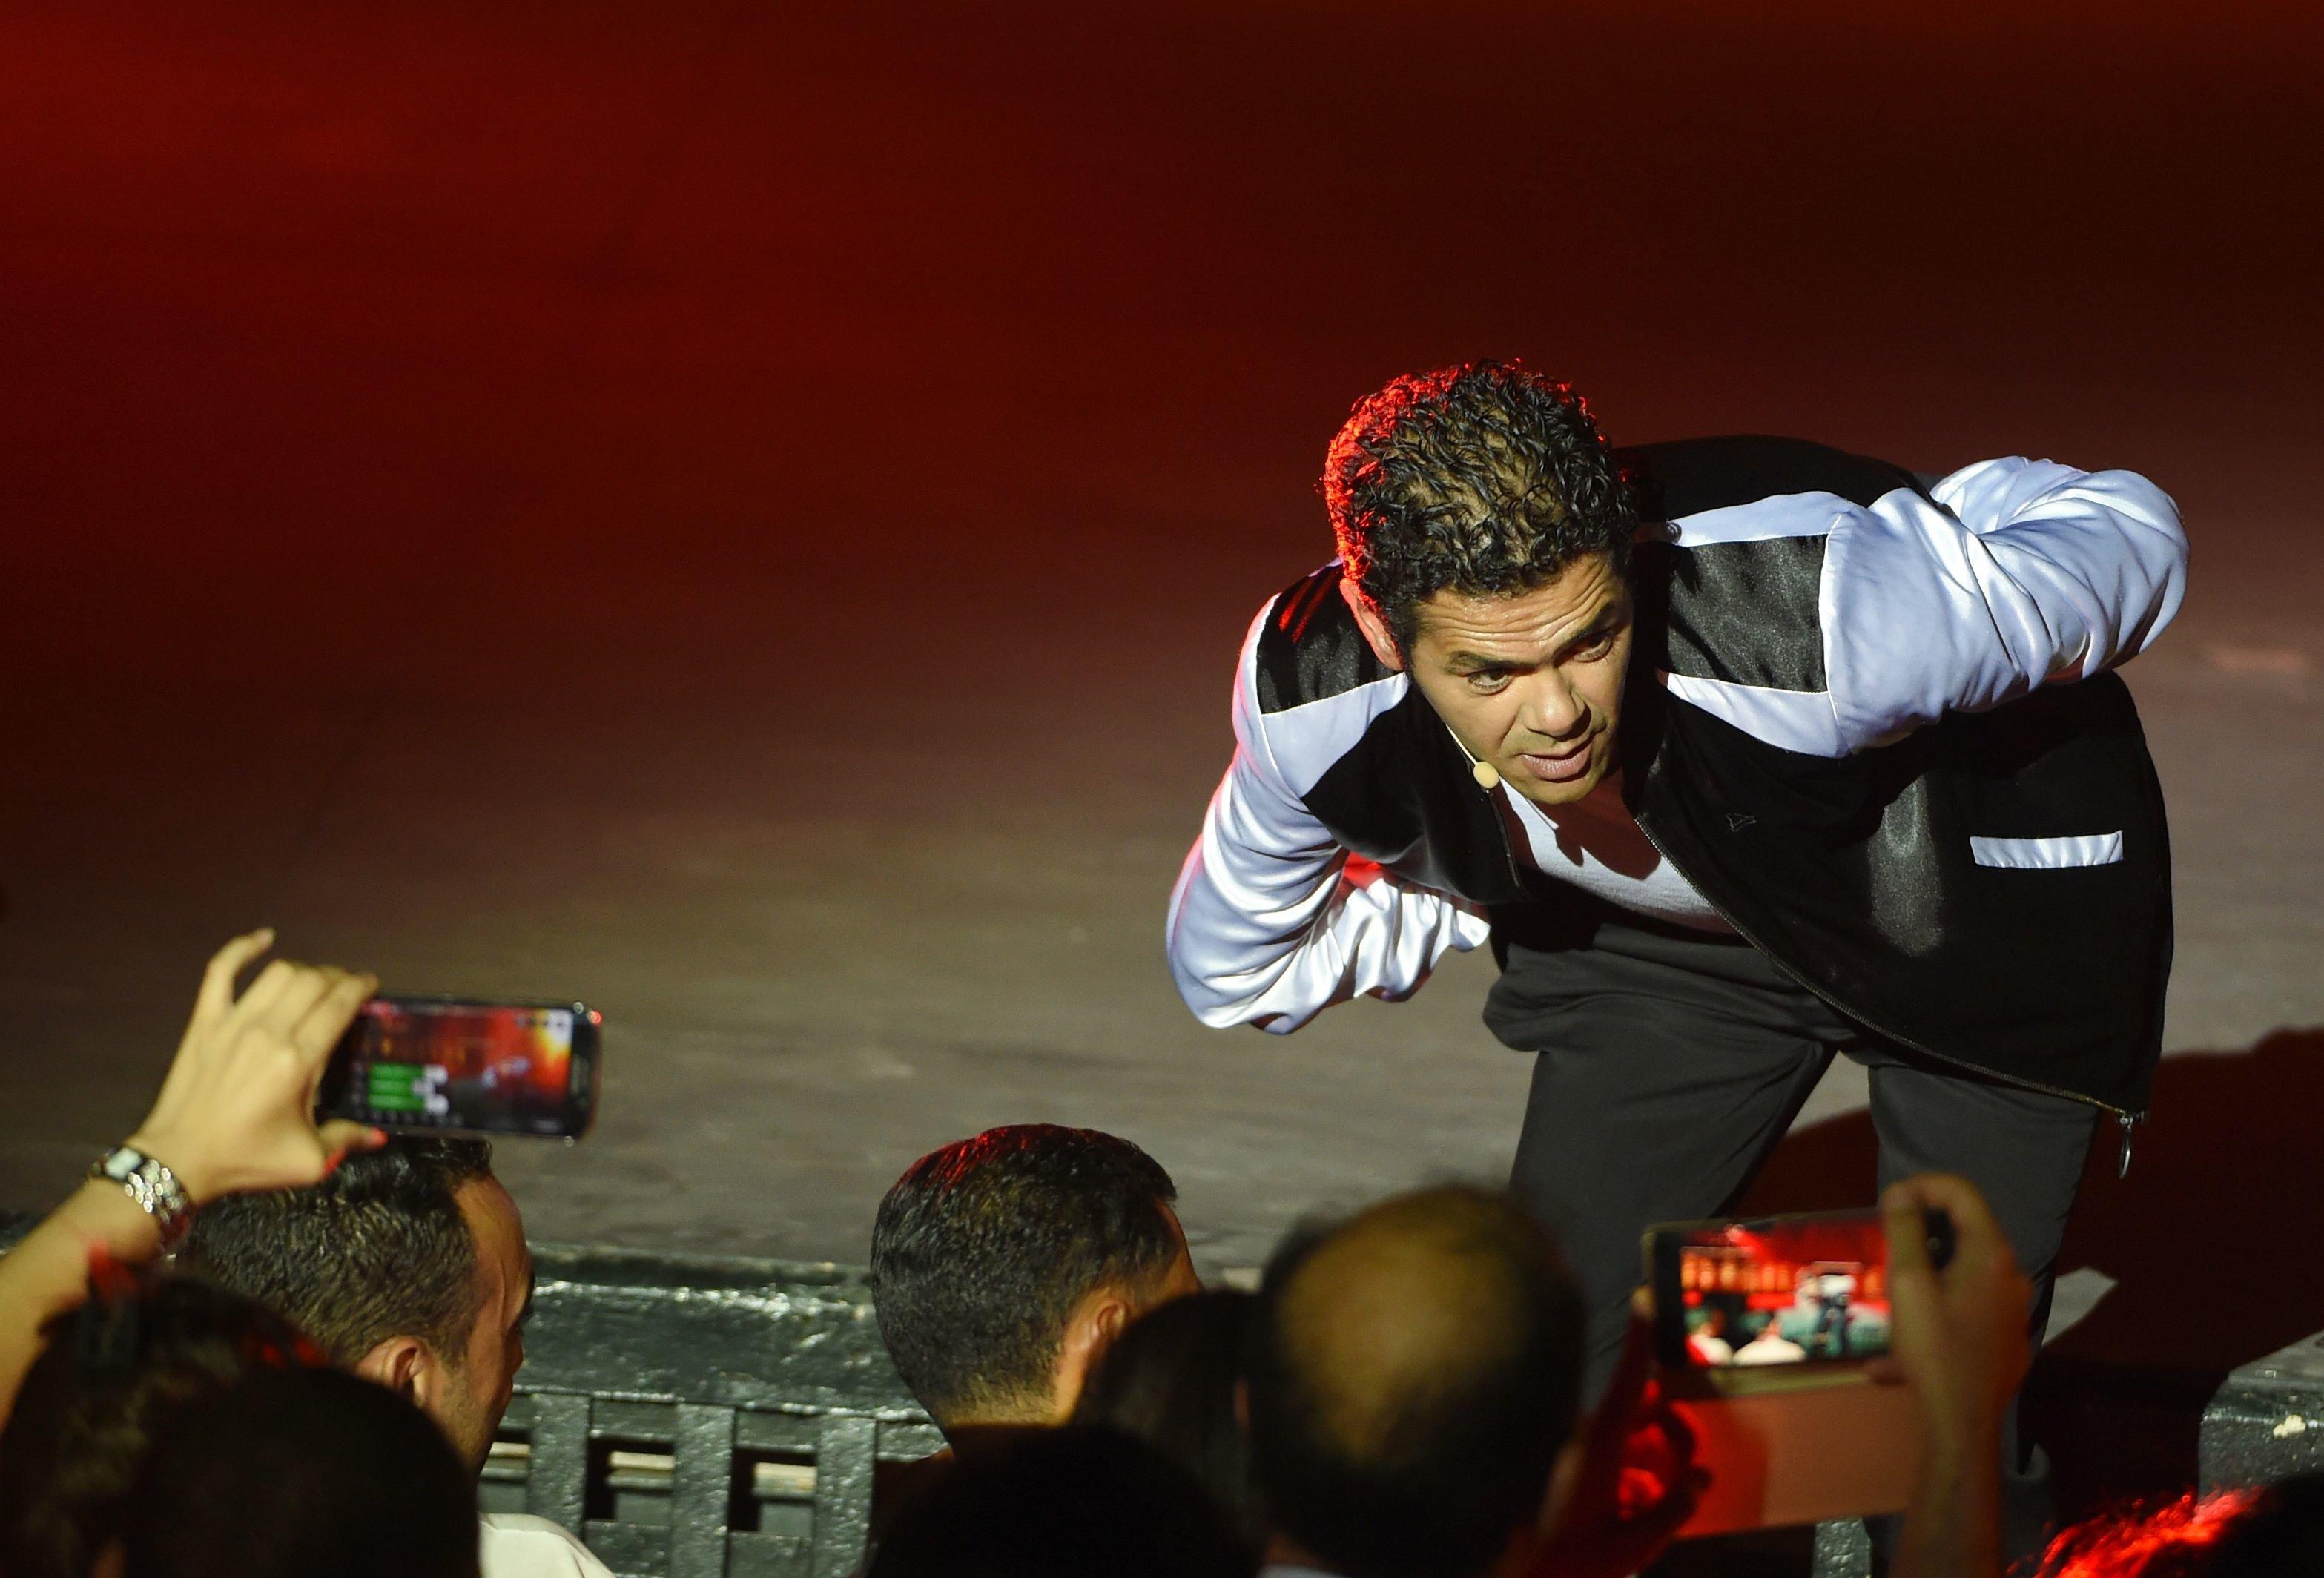 """Festival International de Carthage - """"Jamel président!"""": Jamel Debbouze, égal à lui même, a conquis son"""